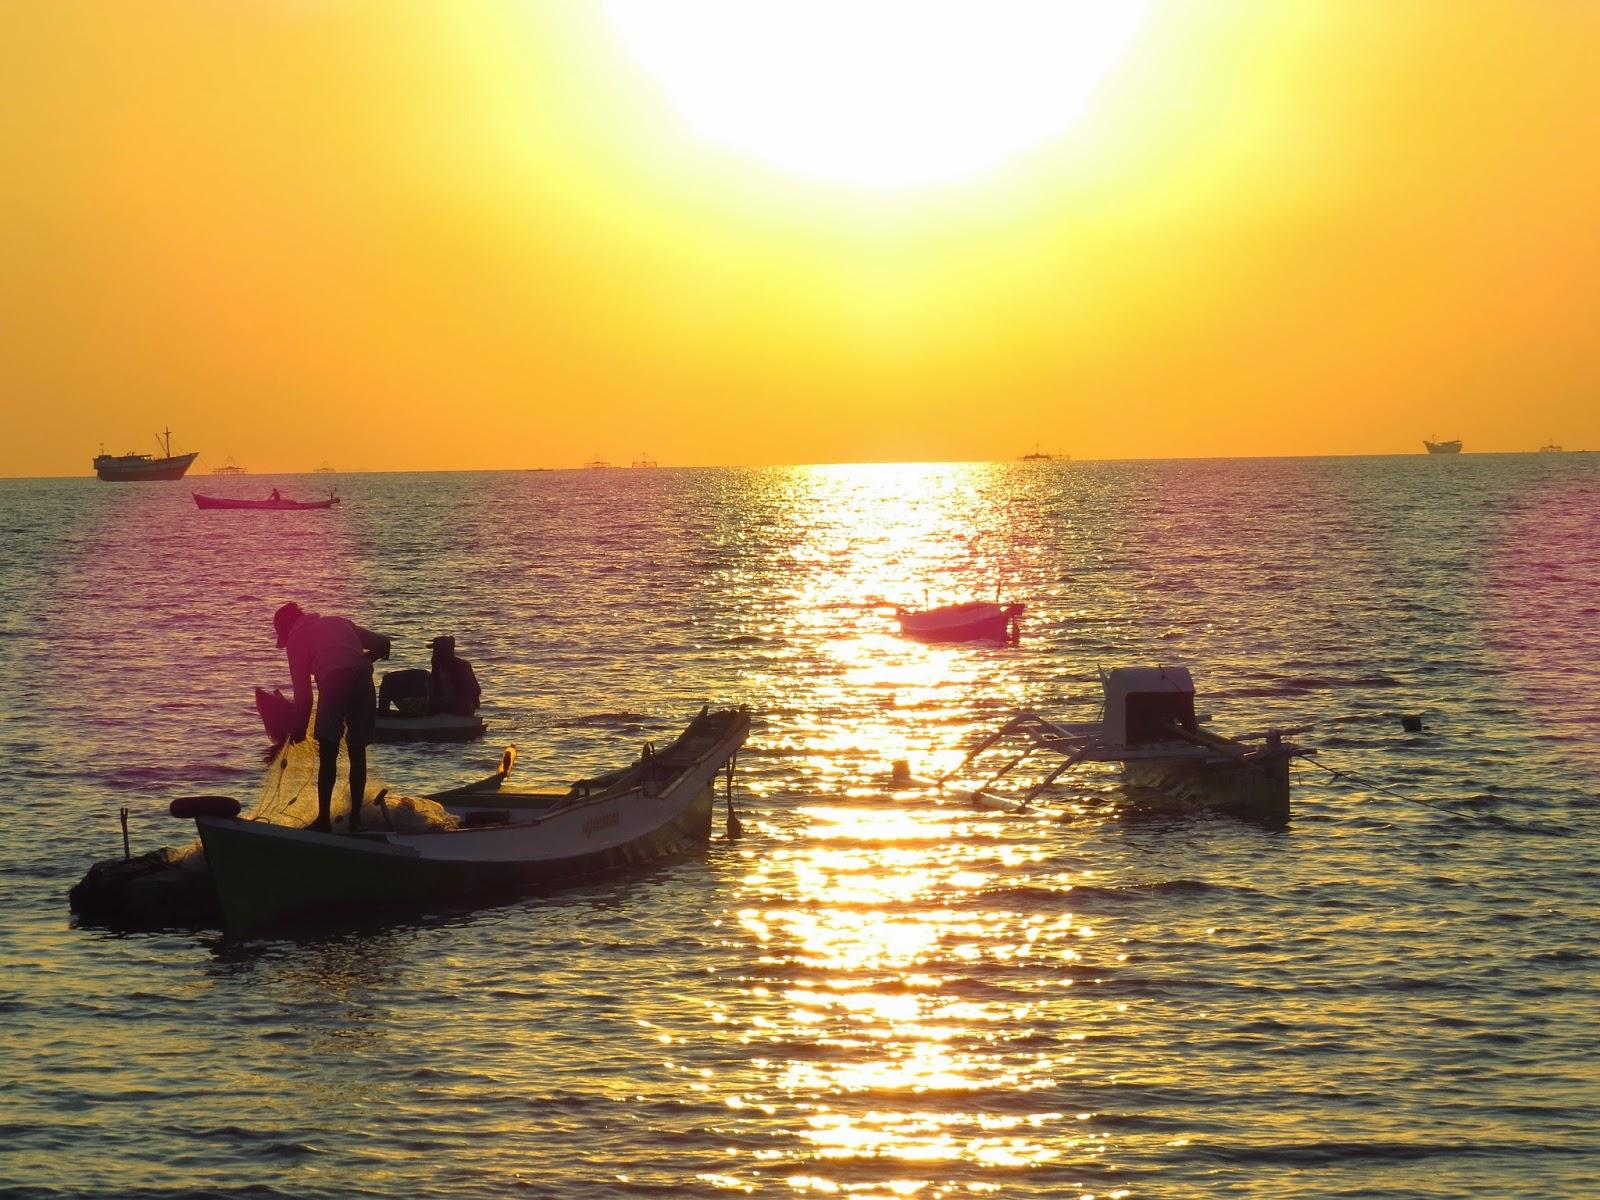 Aktivitas Nelayan di Bawah Sinar Senja (Foto by Admin)